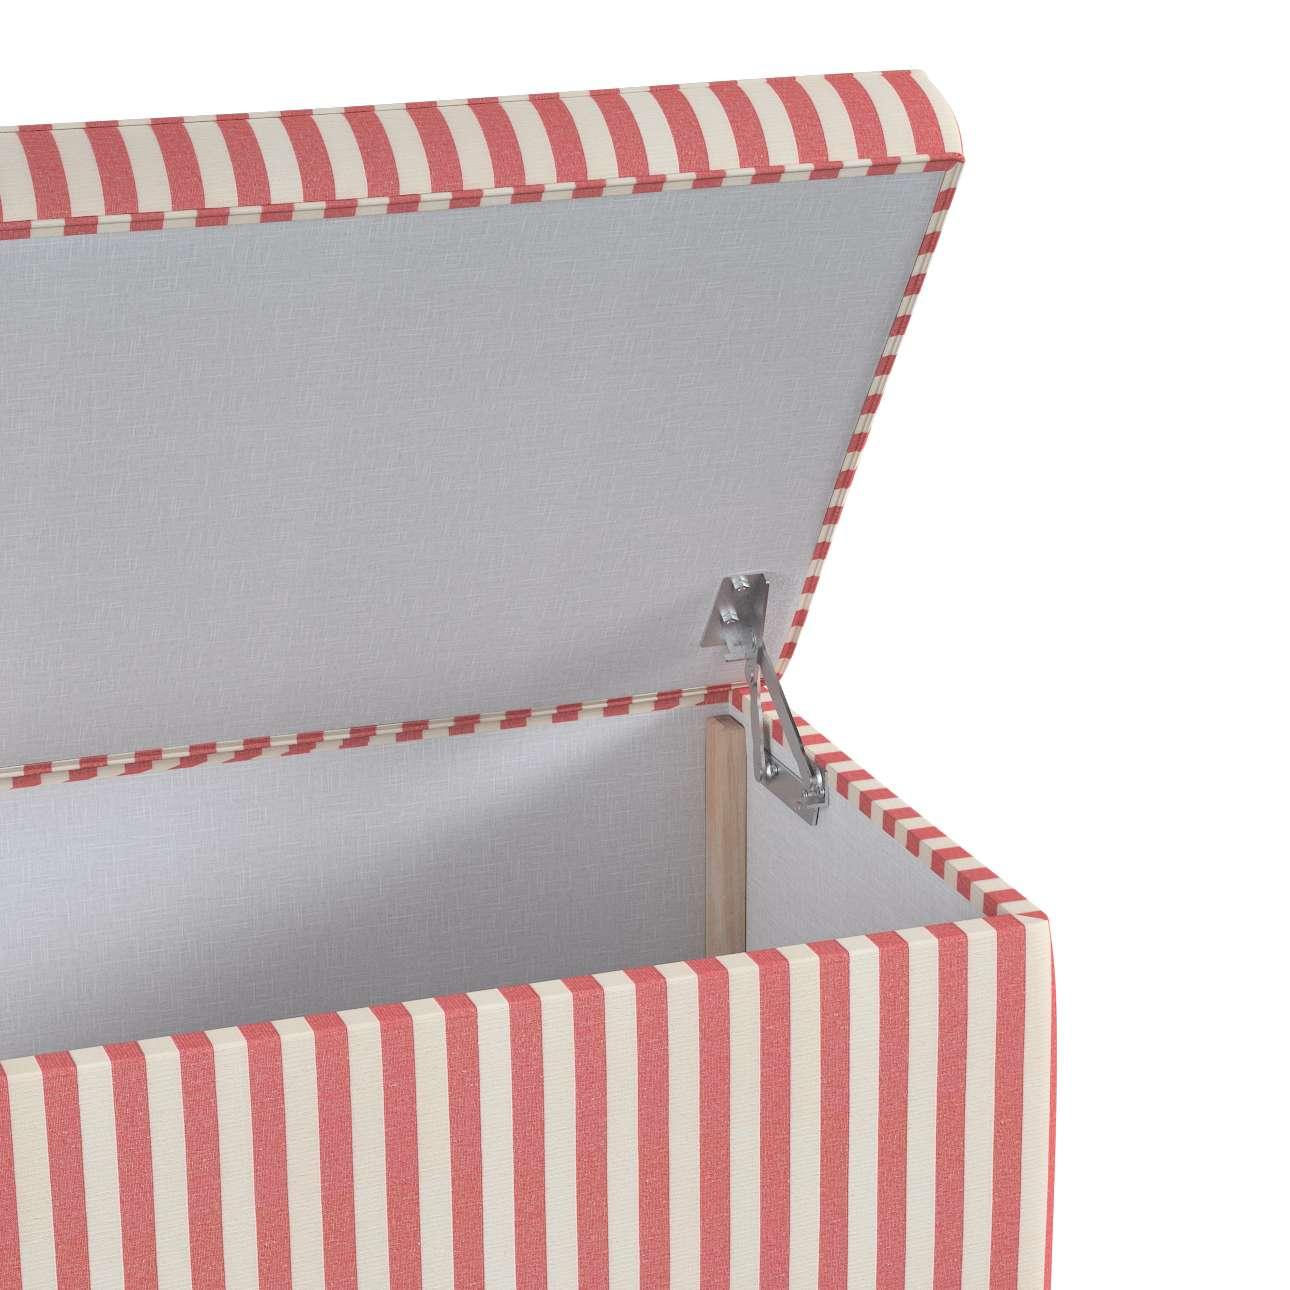 Čalouněná skříň s volbou látky - 2 velikosti v kolekci Quadro, látka: 136-17